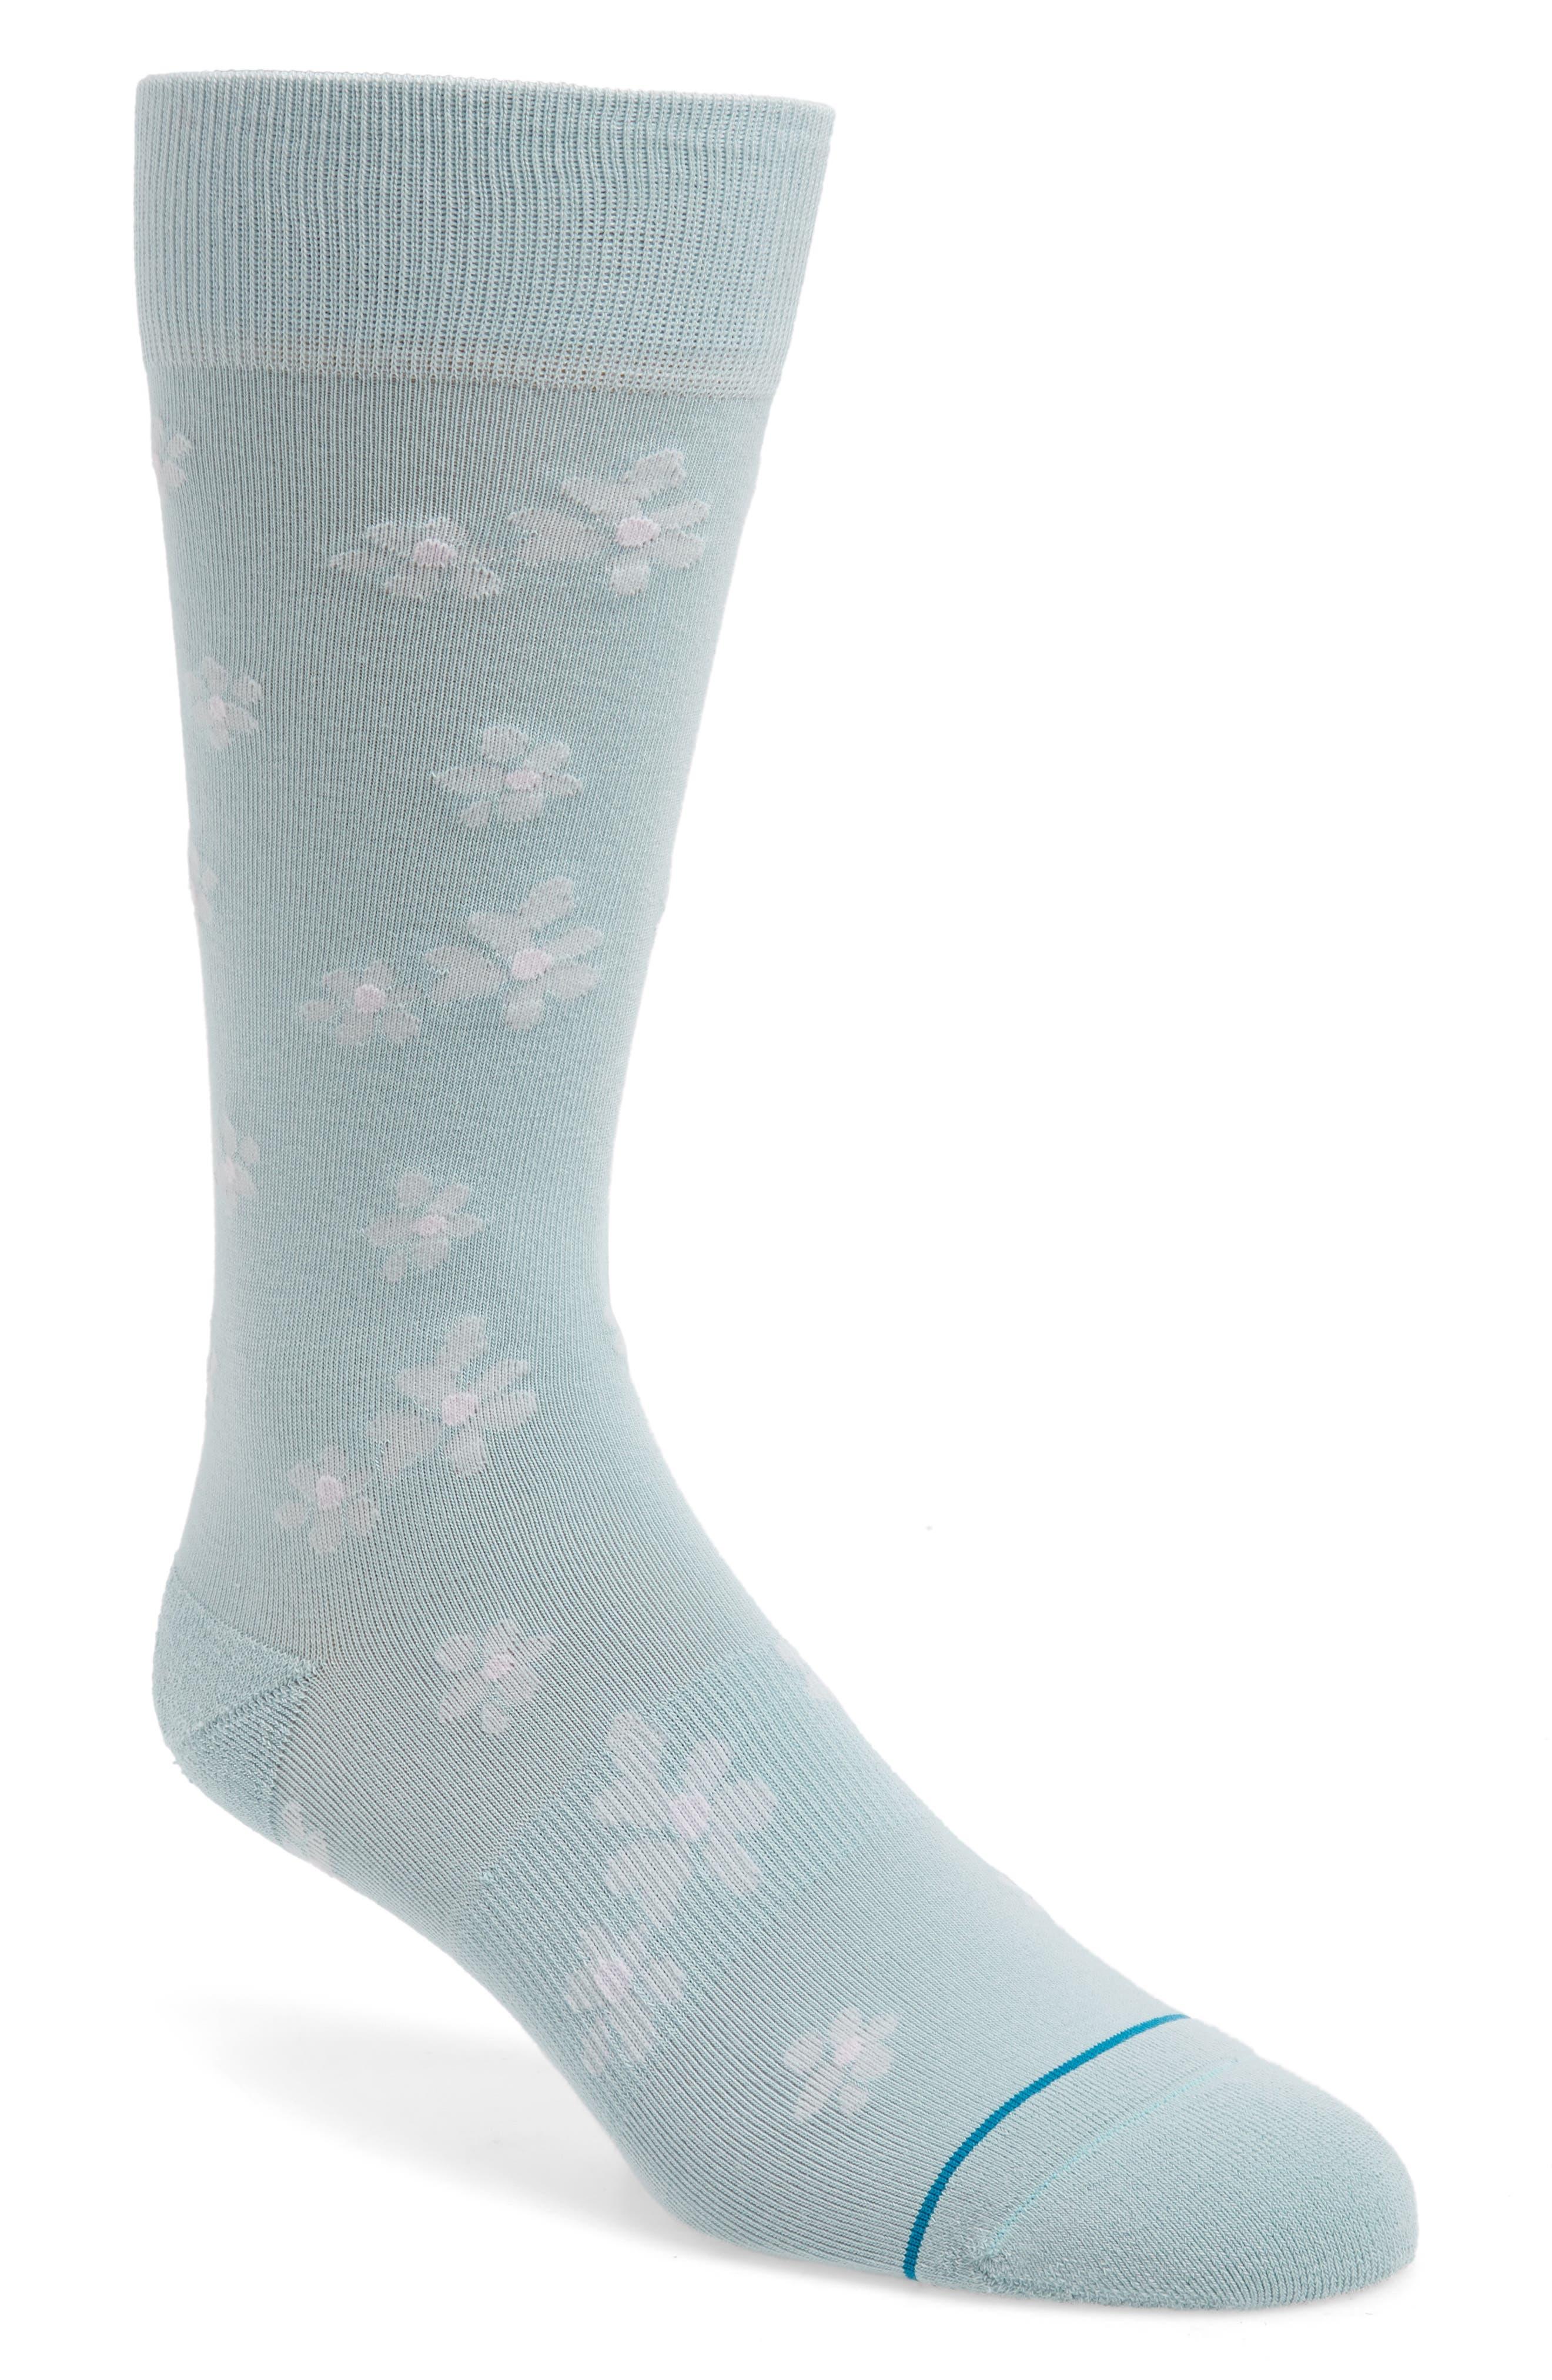 Dillon Socks,                             Main thumbnail 1, color,                             BLUE